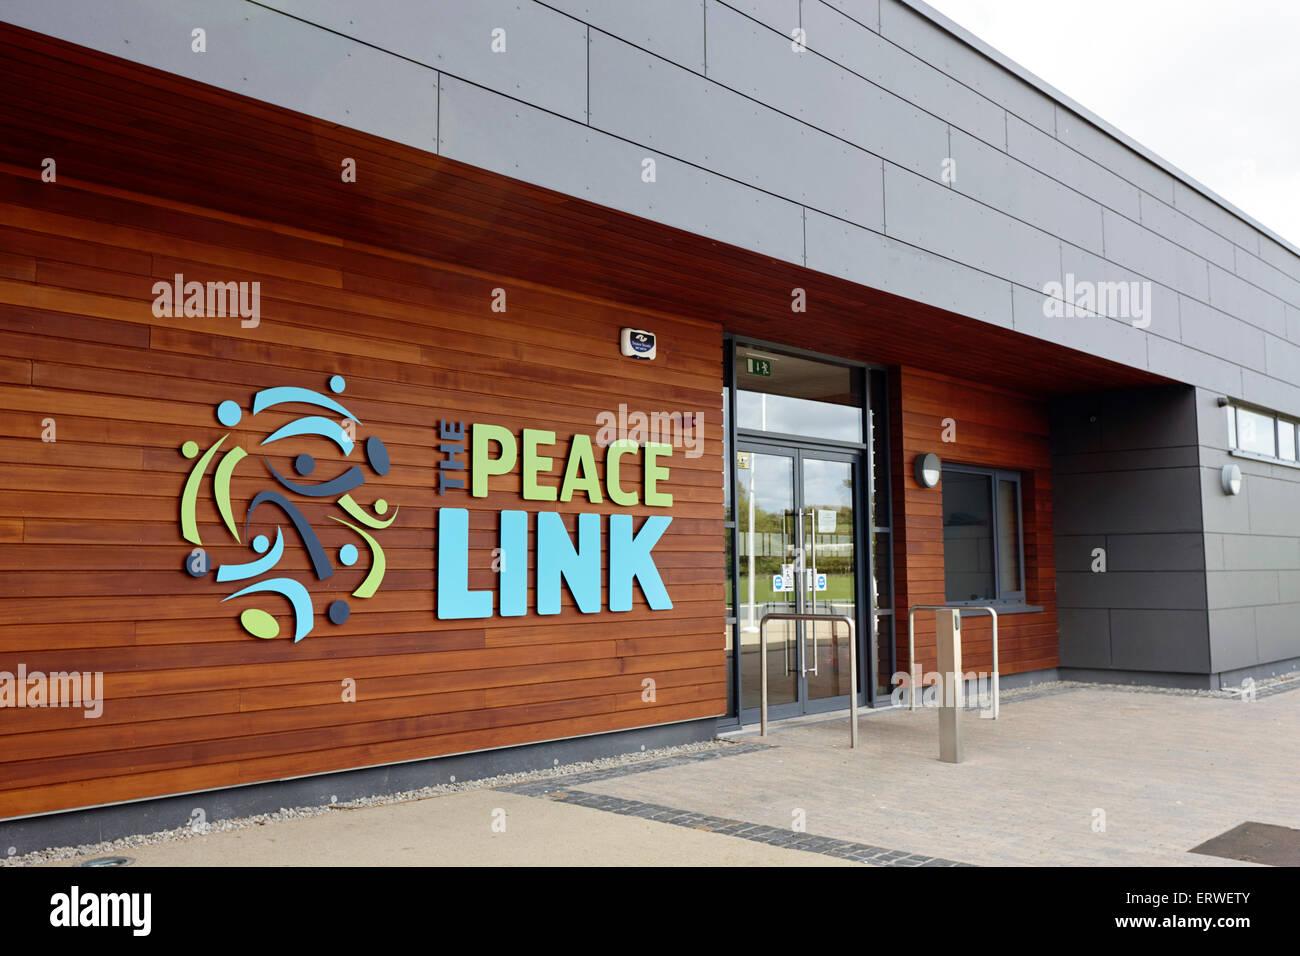 Il collegamento di pace impianti sportivi cloni contea di Monaghan Repubblica di Irlanda Immagini Stock